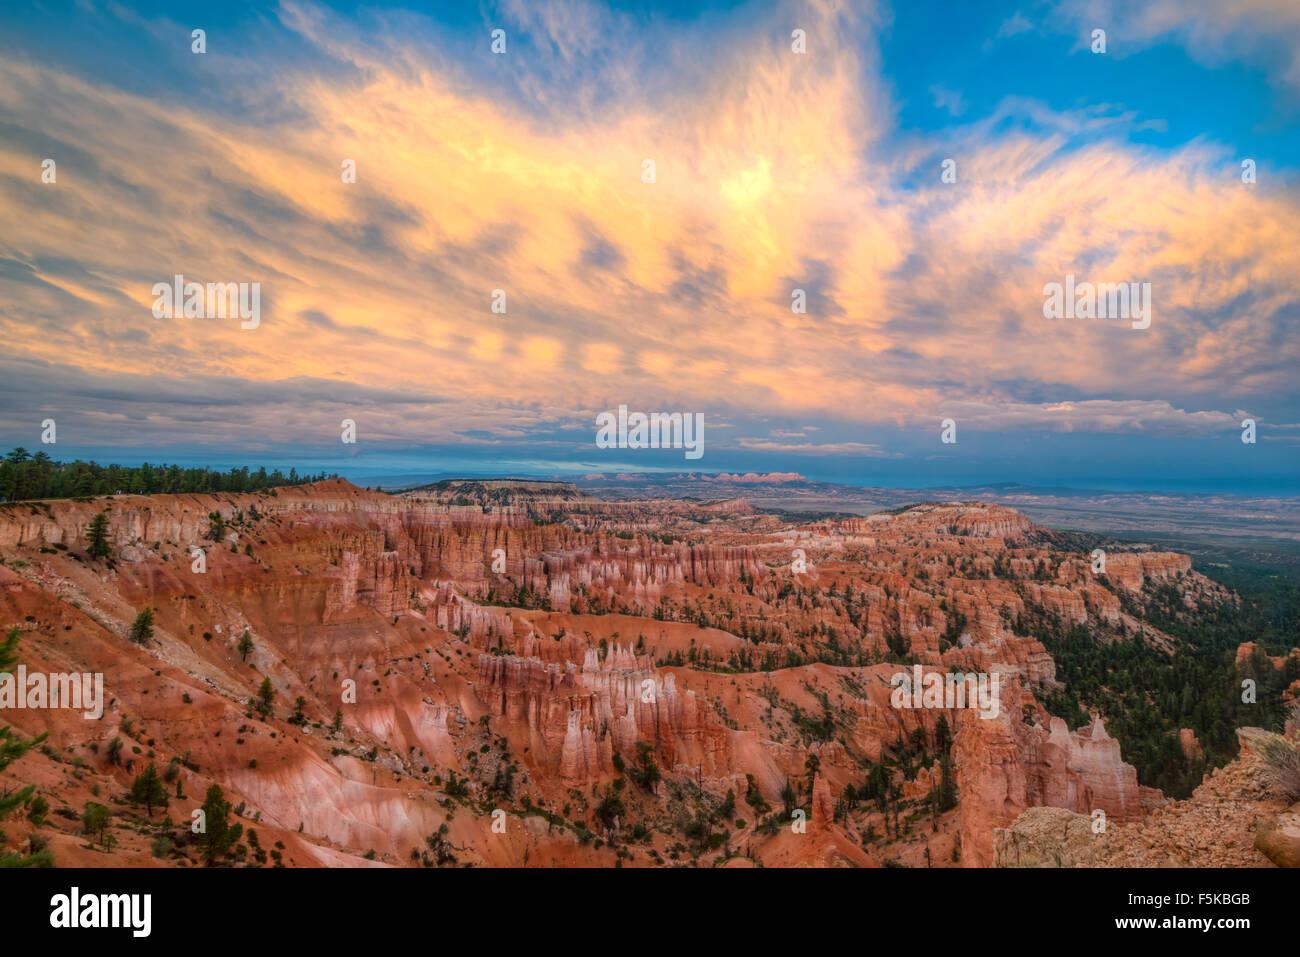 Sunset Point de vue, le Parc National de Bryce Canyon, Utah, pinacles calcaires Wasatch et coucher de soleil nuages Photo Stock